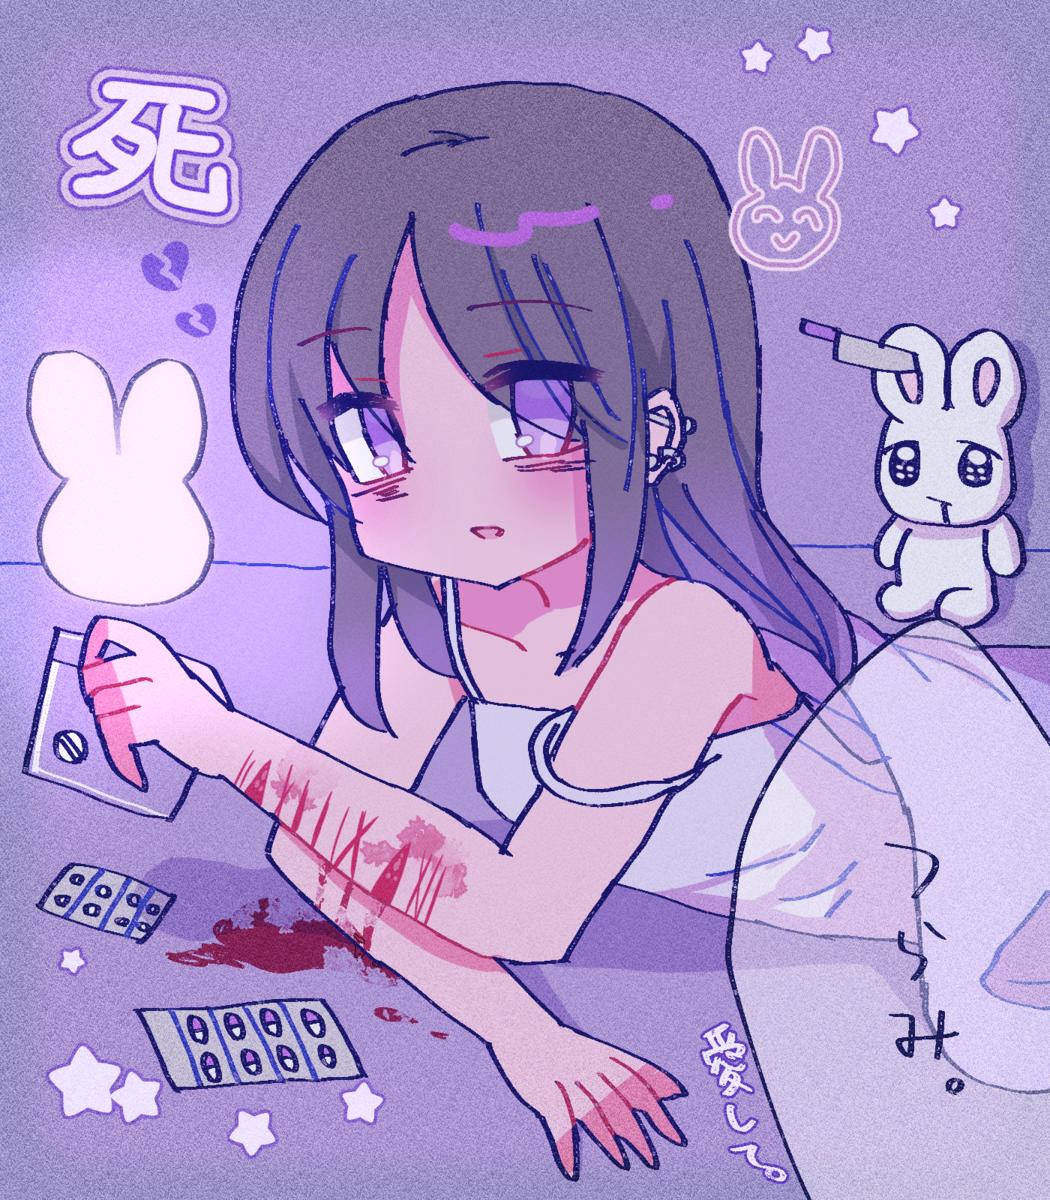 イラスト 絵 メンヘラ 紫 女の子 病みかわいい